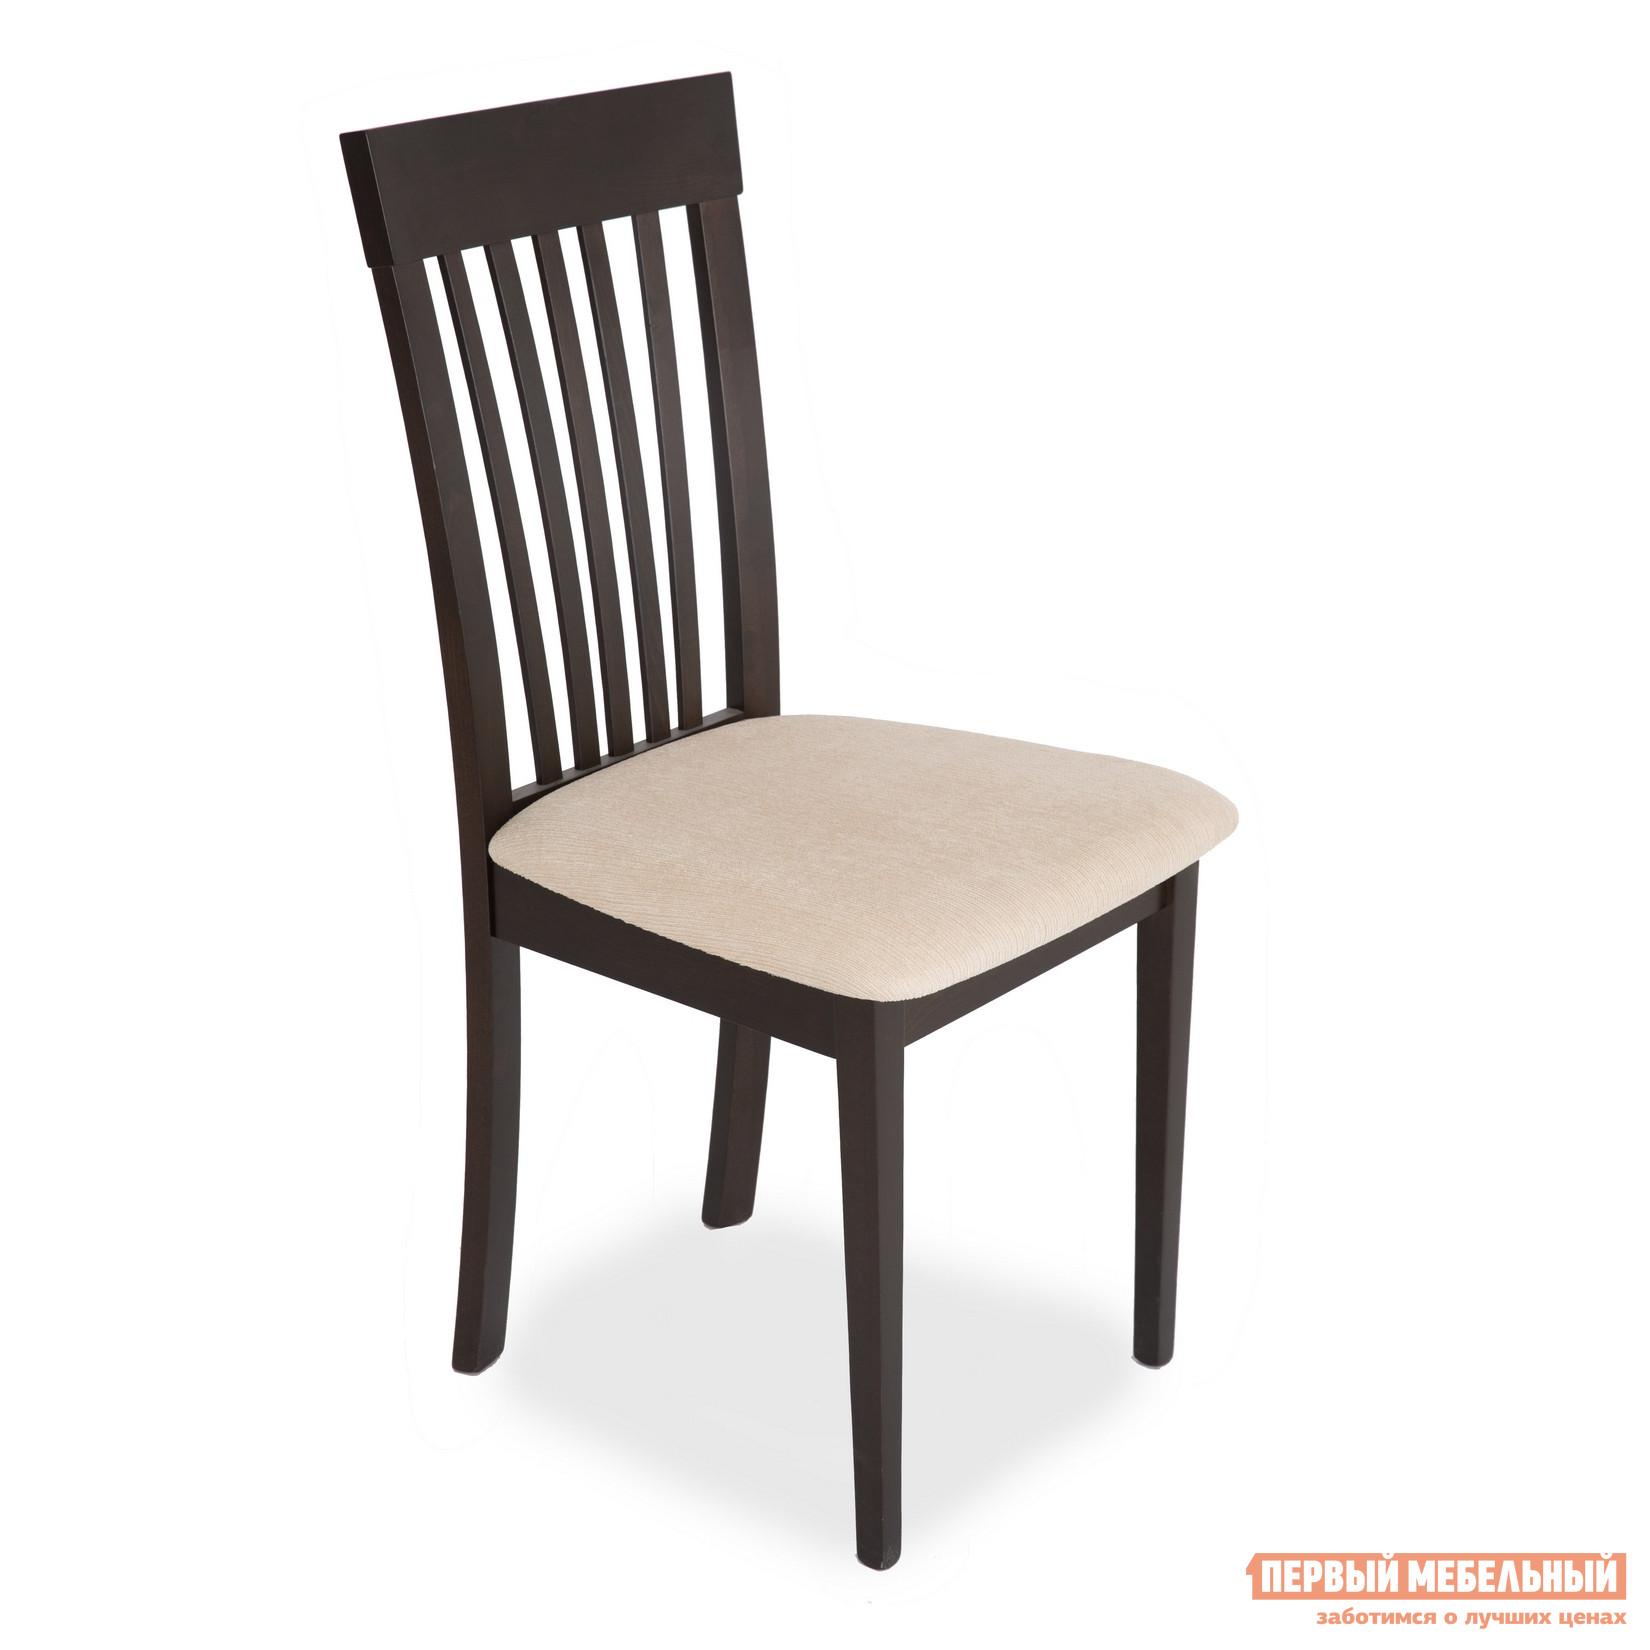 Стул Бентли Трейд CB-3950 DARK WALNUT 10 / BEIGE PVC (эко кожа)Стулья для кухни<br>Габаритные размеры ВхШхГ 955x480x440 мм. Классический деревянный стул с мягким сиденьем для столовой или кухни.  Такая модель никогда не выйдет из моды и с годами будет становиться только привлекательнее. Корпус стула изготавливается из массива гевеи, обивка выполнена из качественной экокожи.<br><br>Цвет: Бежевый<br>Цвет: Коричневое дерево<br>Высота мм: 955<br>Ширина мм: 480<br>Глубина мм: 440<br>Кол-во упаковок: 1<br>Форма поставки: В разобранном виде<br>Срок гарантии: 6 месяцев<br>Тип: Для гостиной<br>Материал: Дерево<br>Материал: Искусственная кожа<br>Материал: Натуральное дерево<br>Порода дерева: Гевея<br>С мягким сиденьем: Да<br>Без подлокотников: Да